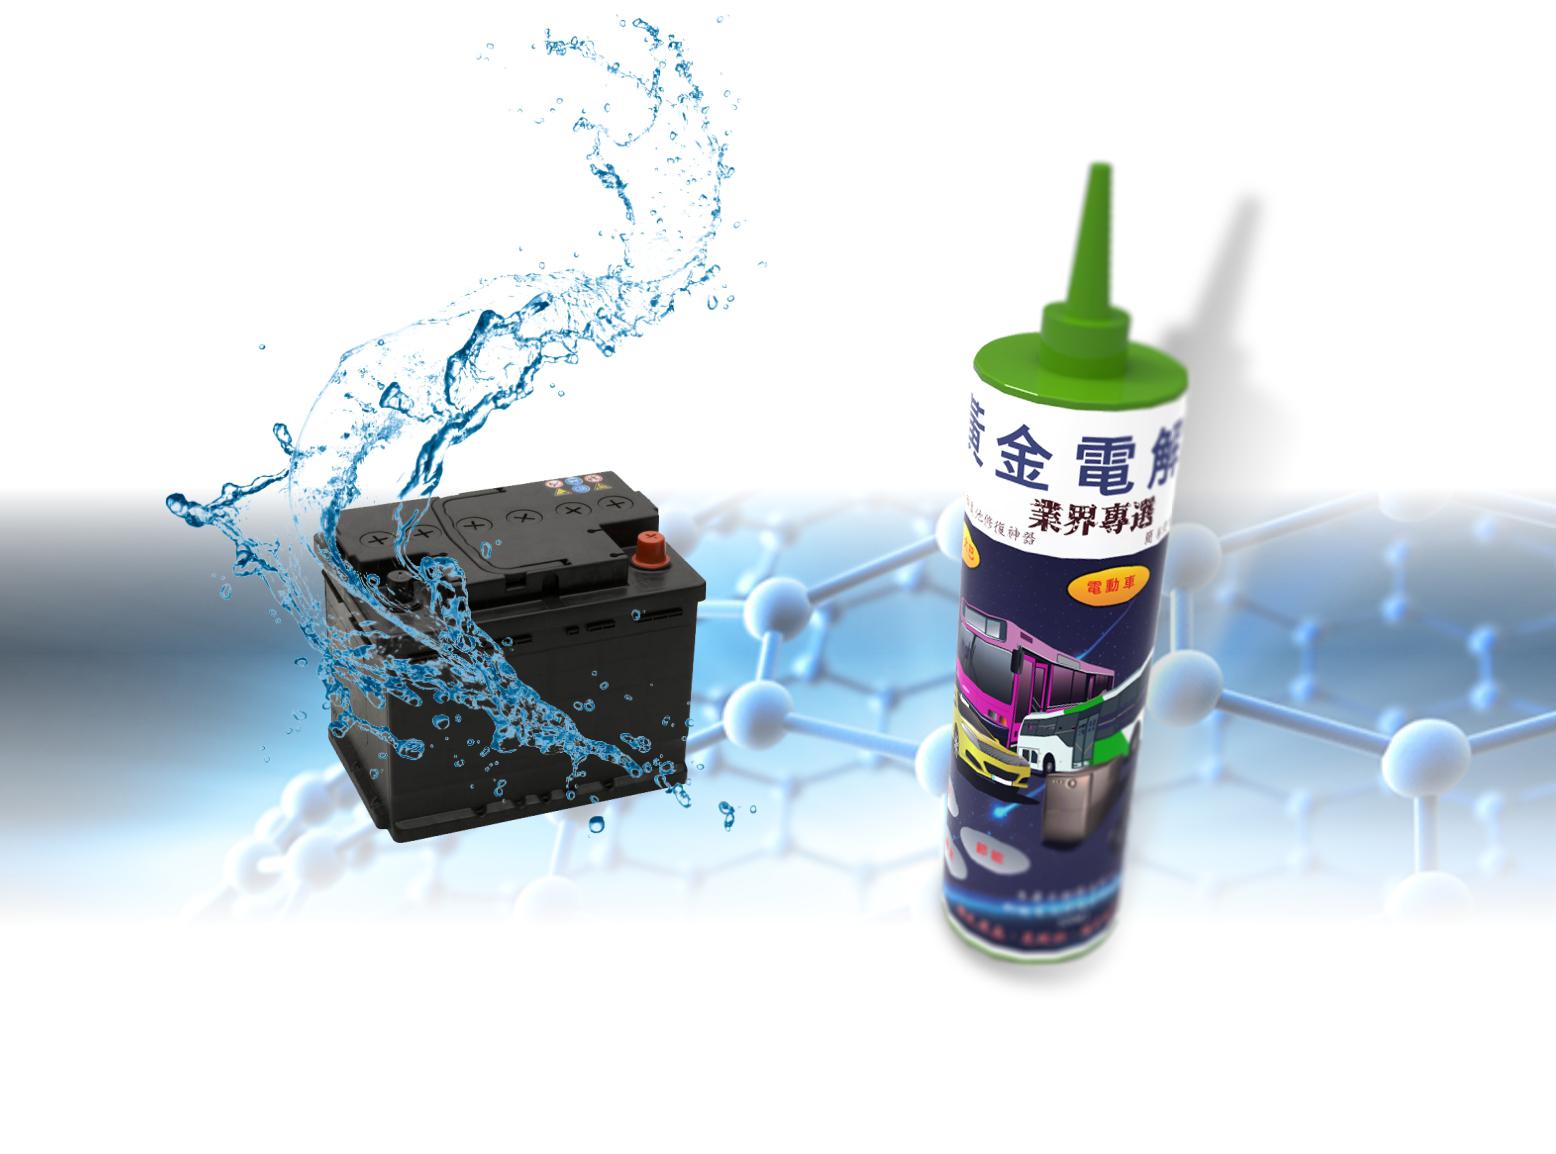 黃金電解液修復劑                       石墨烯材料                       高分子防爆漆